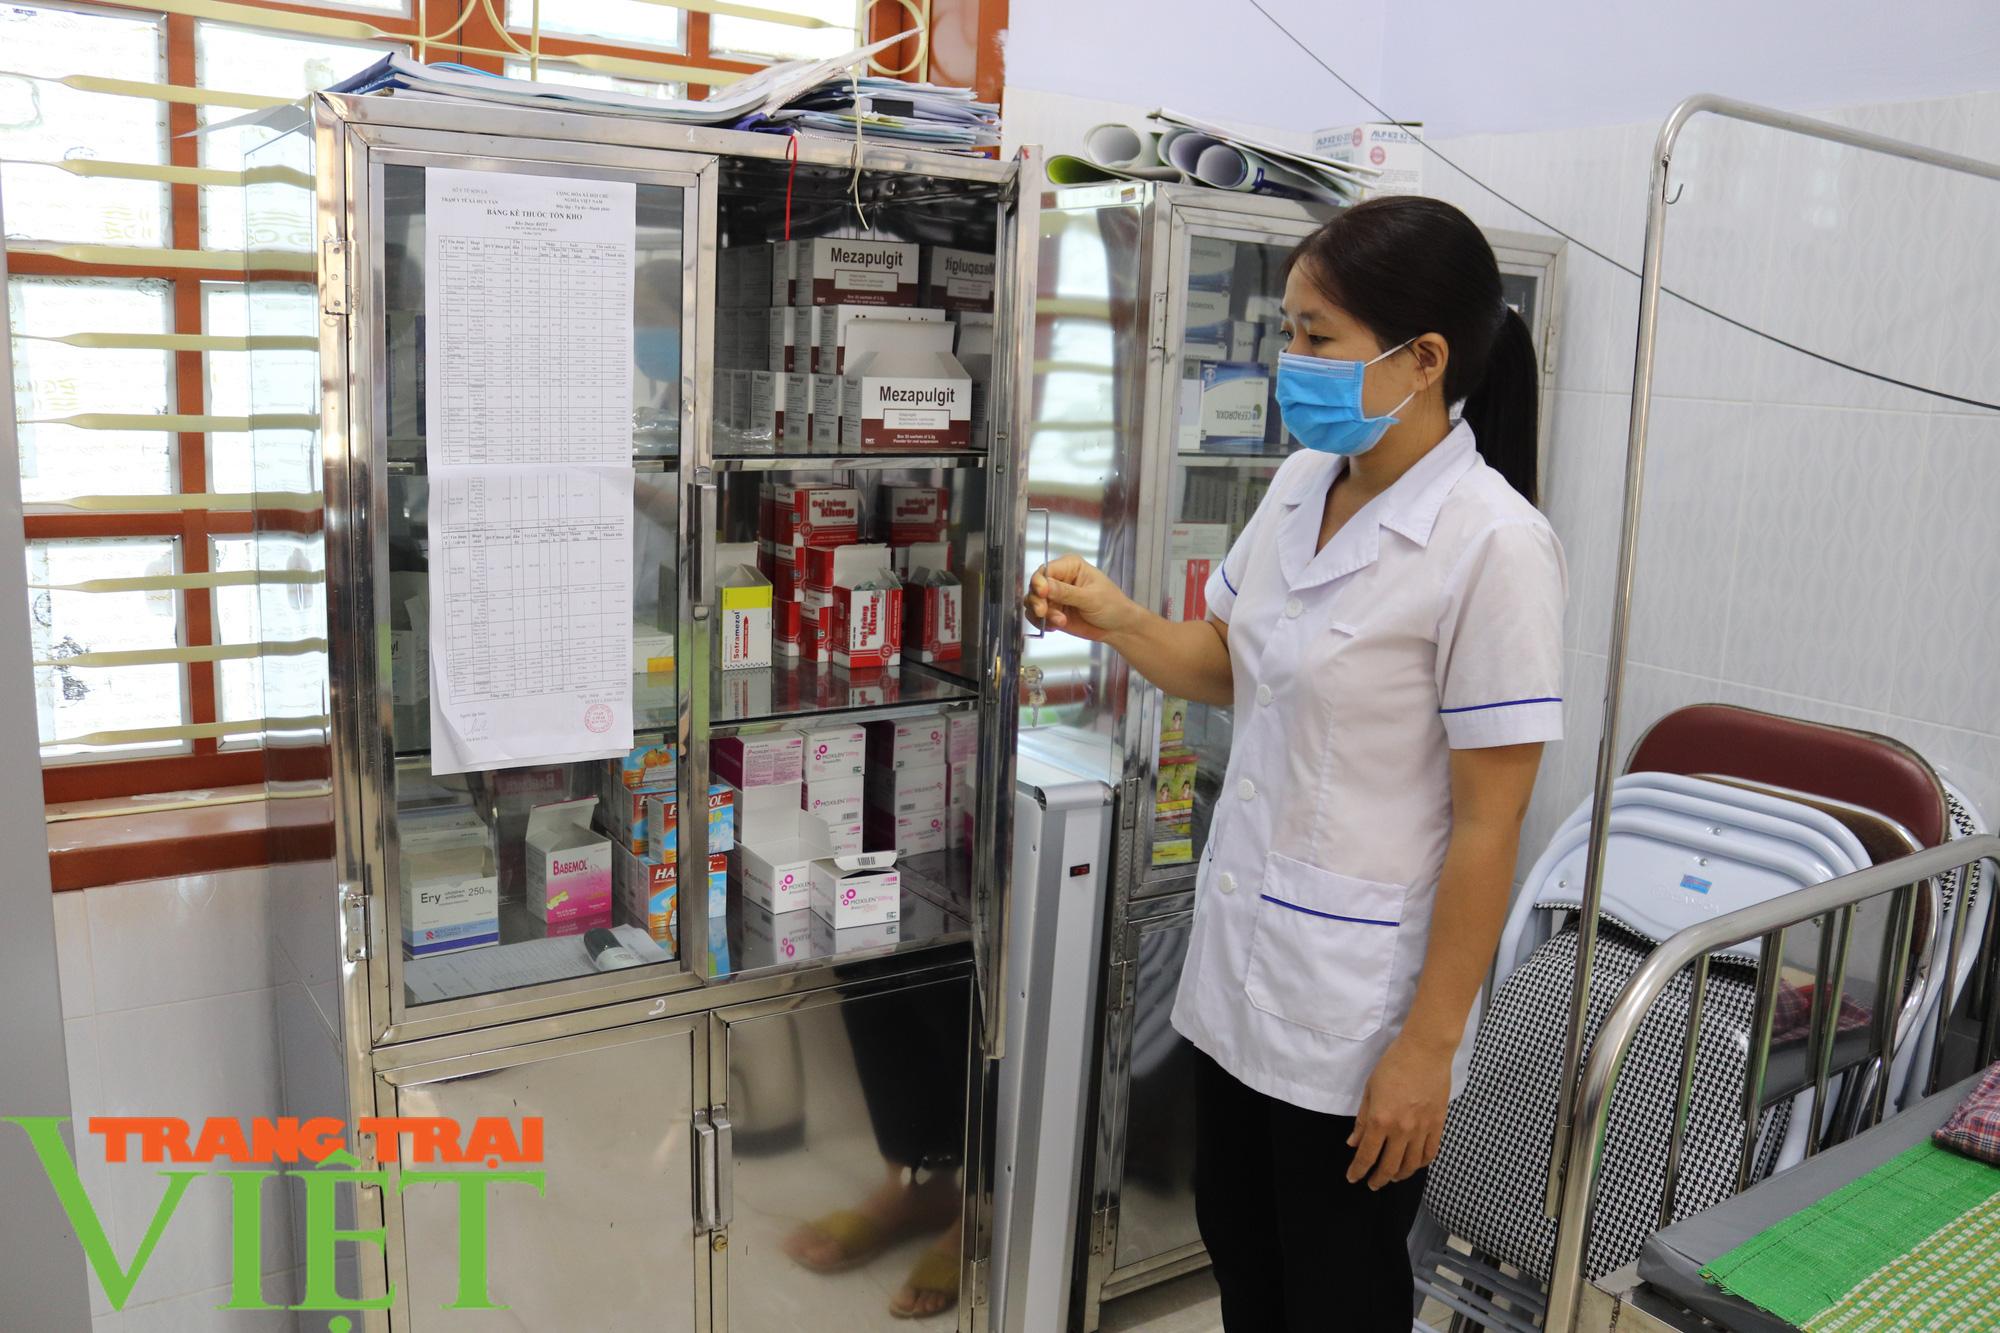 Trạm Y tế xã Huy Tân: Làm tốt công tác chăm sóc sức khoẻ cho người dân - Ảnh 4.